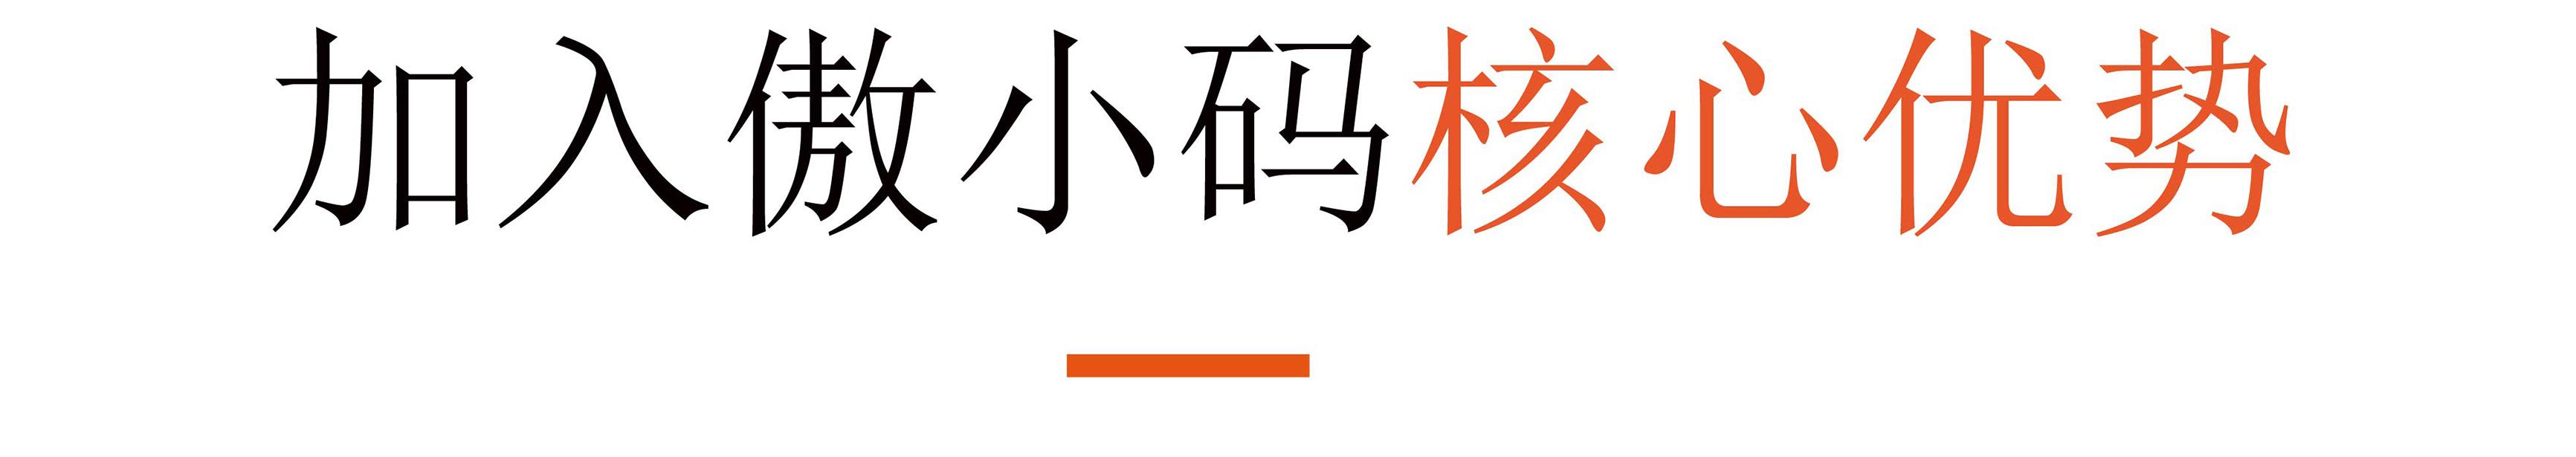 傲小码机器人编程20210818傲小码网站新_20